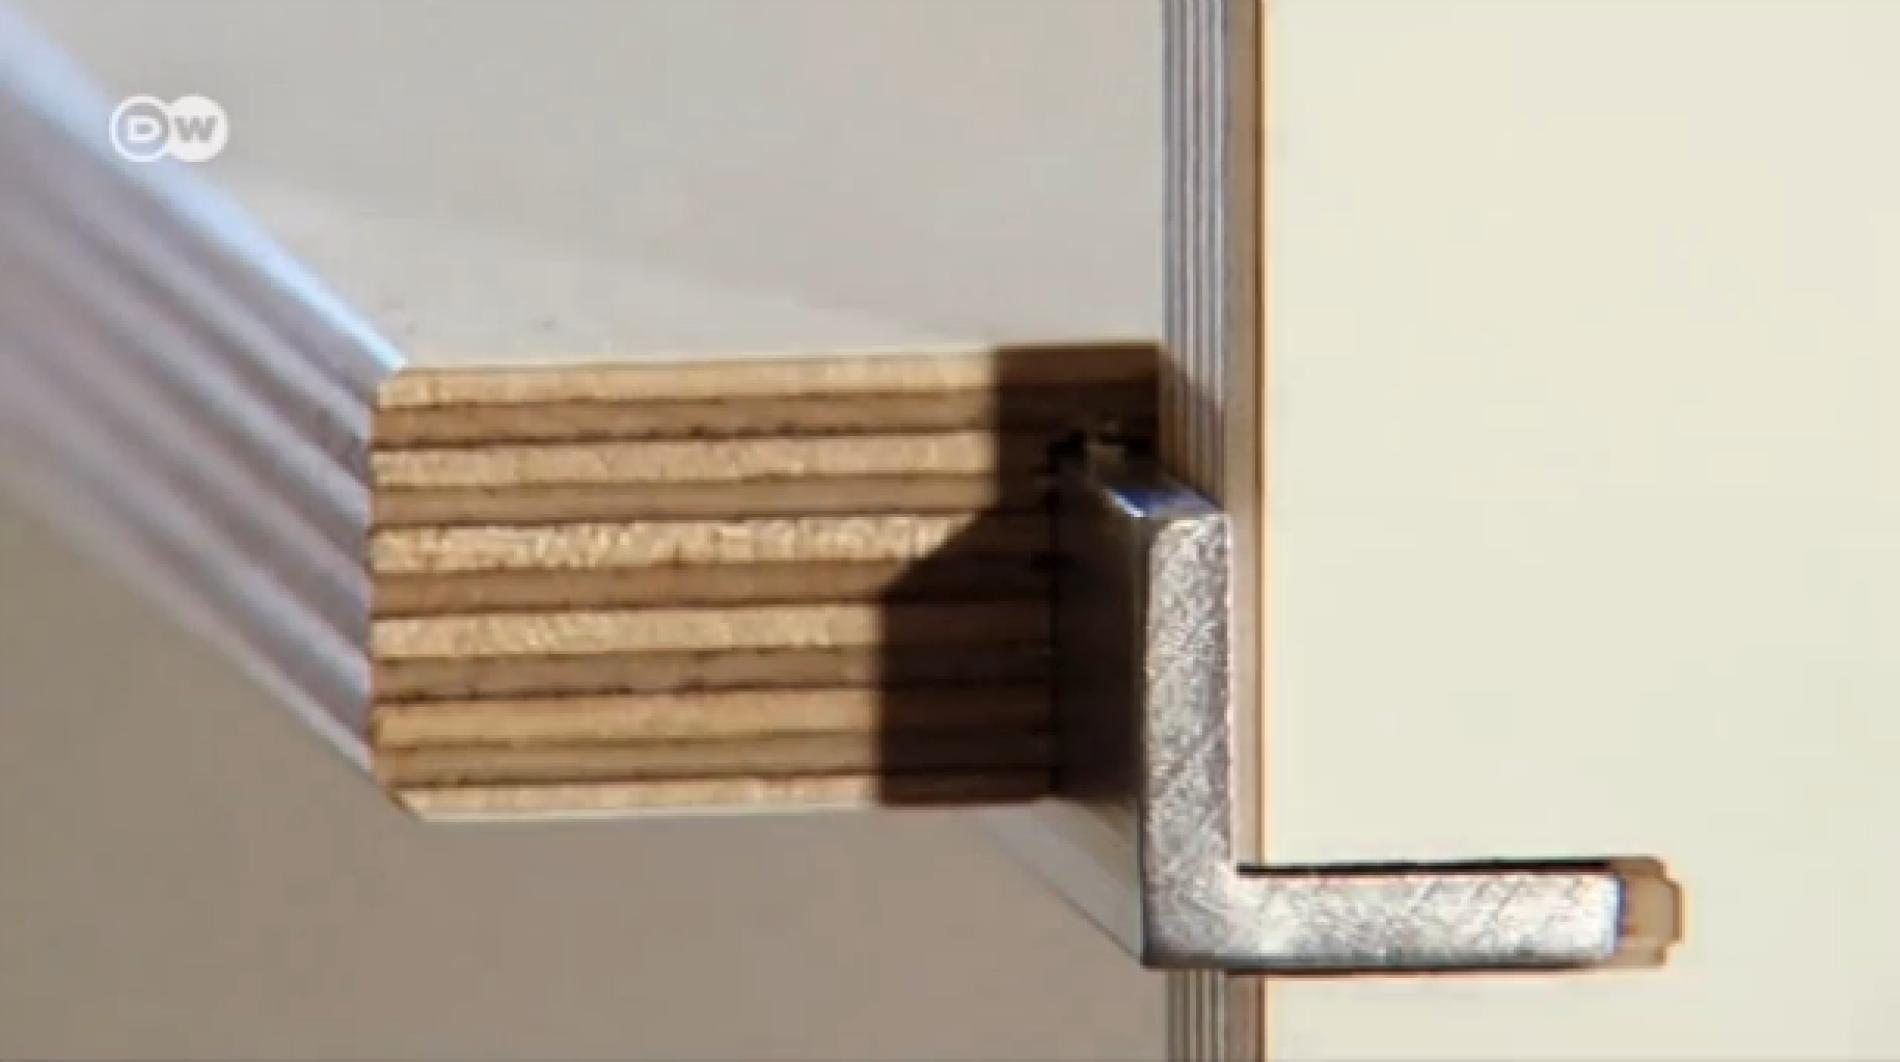 Full Size of Fnp Regal Designklassiker Das Ohne Schrauben Holzregal Küche Bücher Weißes String Pocket Kleines Weiß Regale Obi Kisten Hochglanz Für Dachschräge Tiefes Regal Fnp Regal